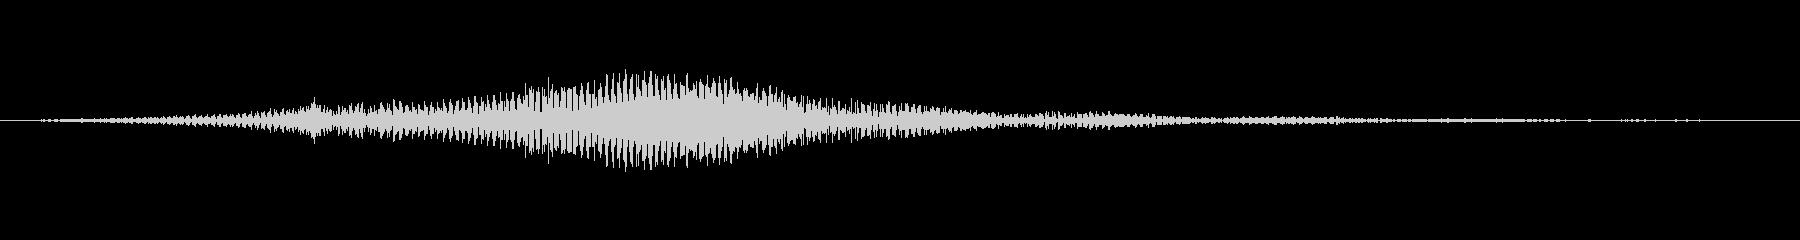 液体捕食者、トレインメタルリバース...の未再生の波形